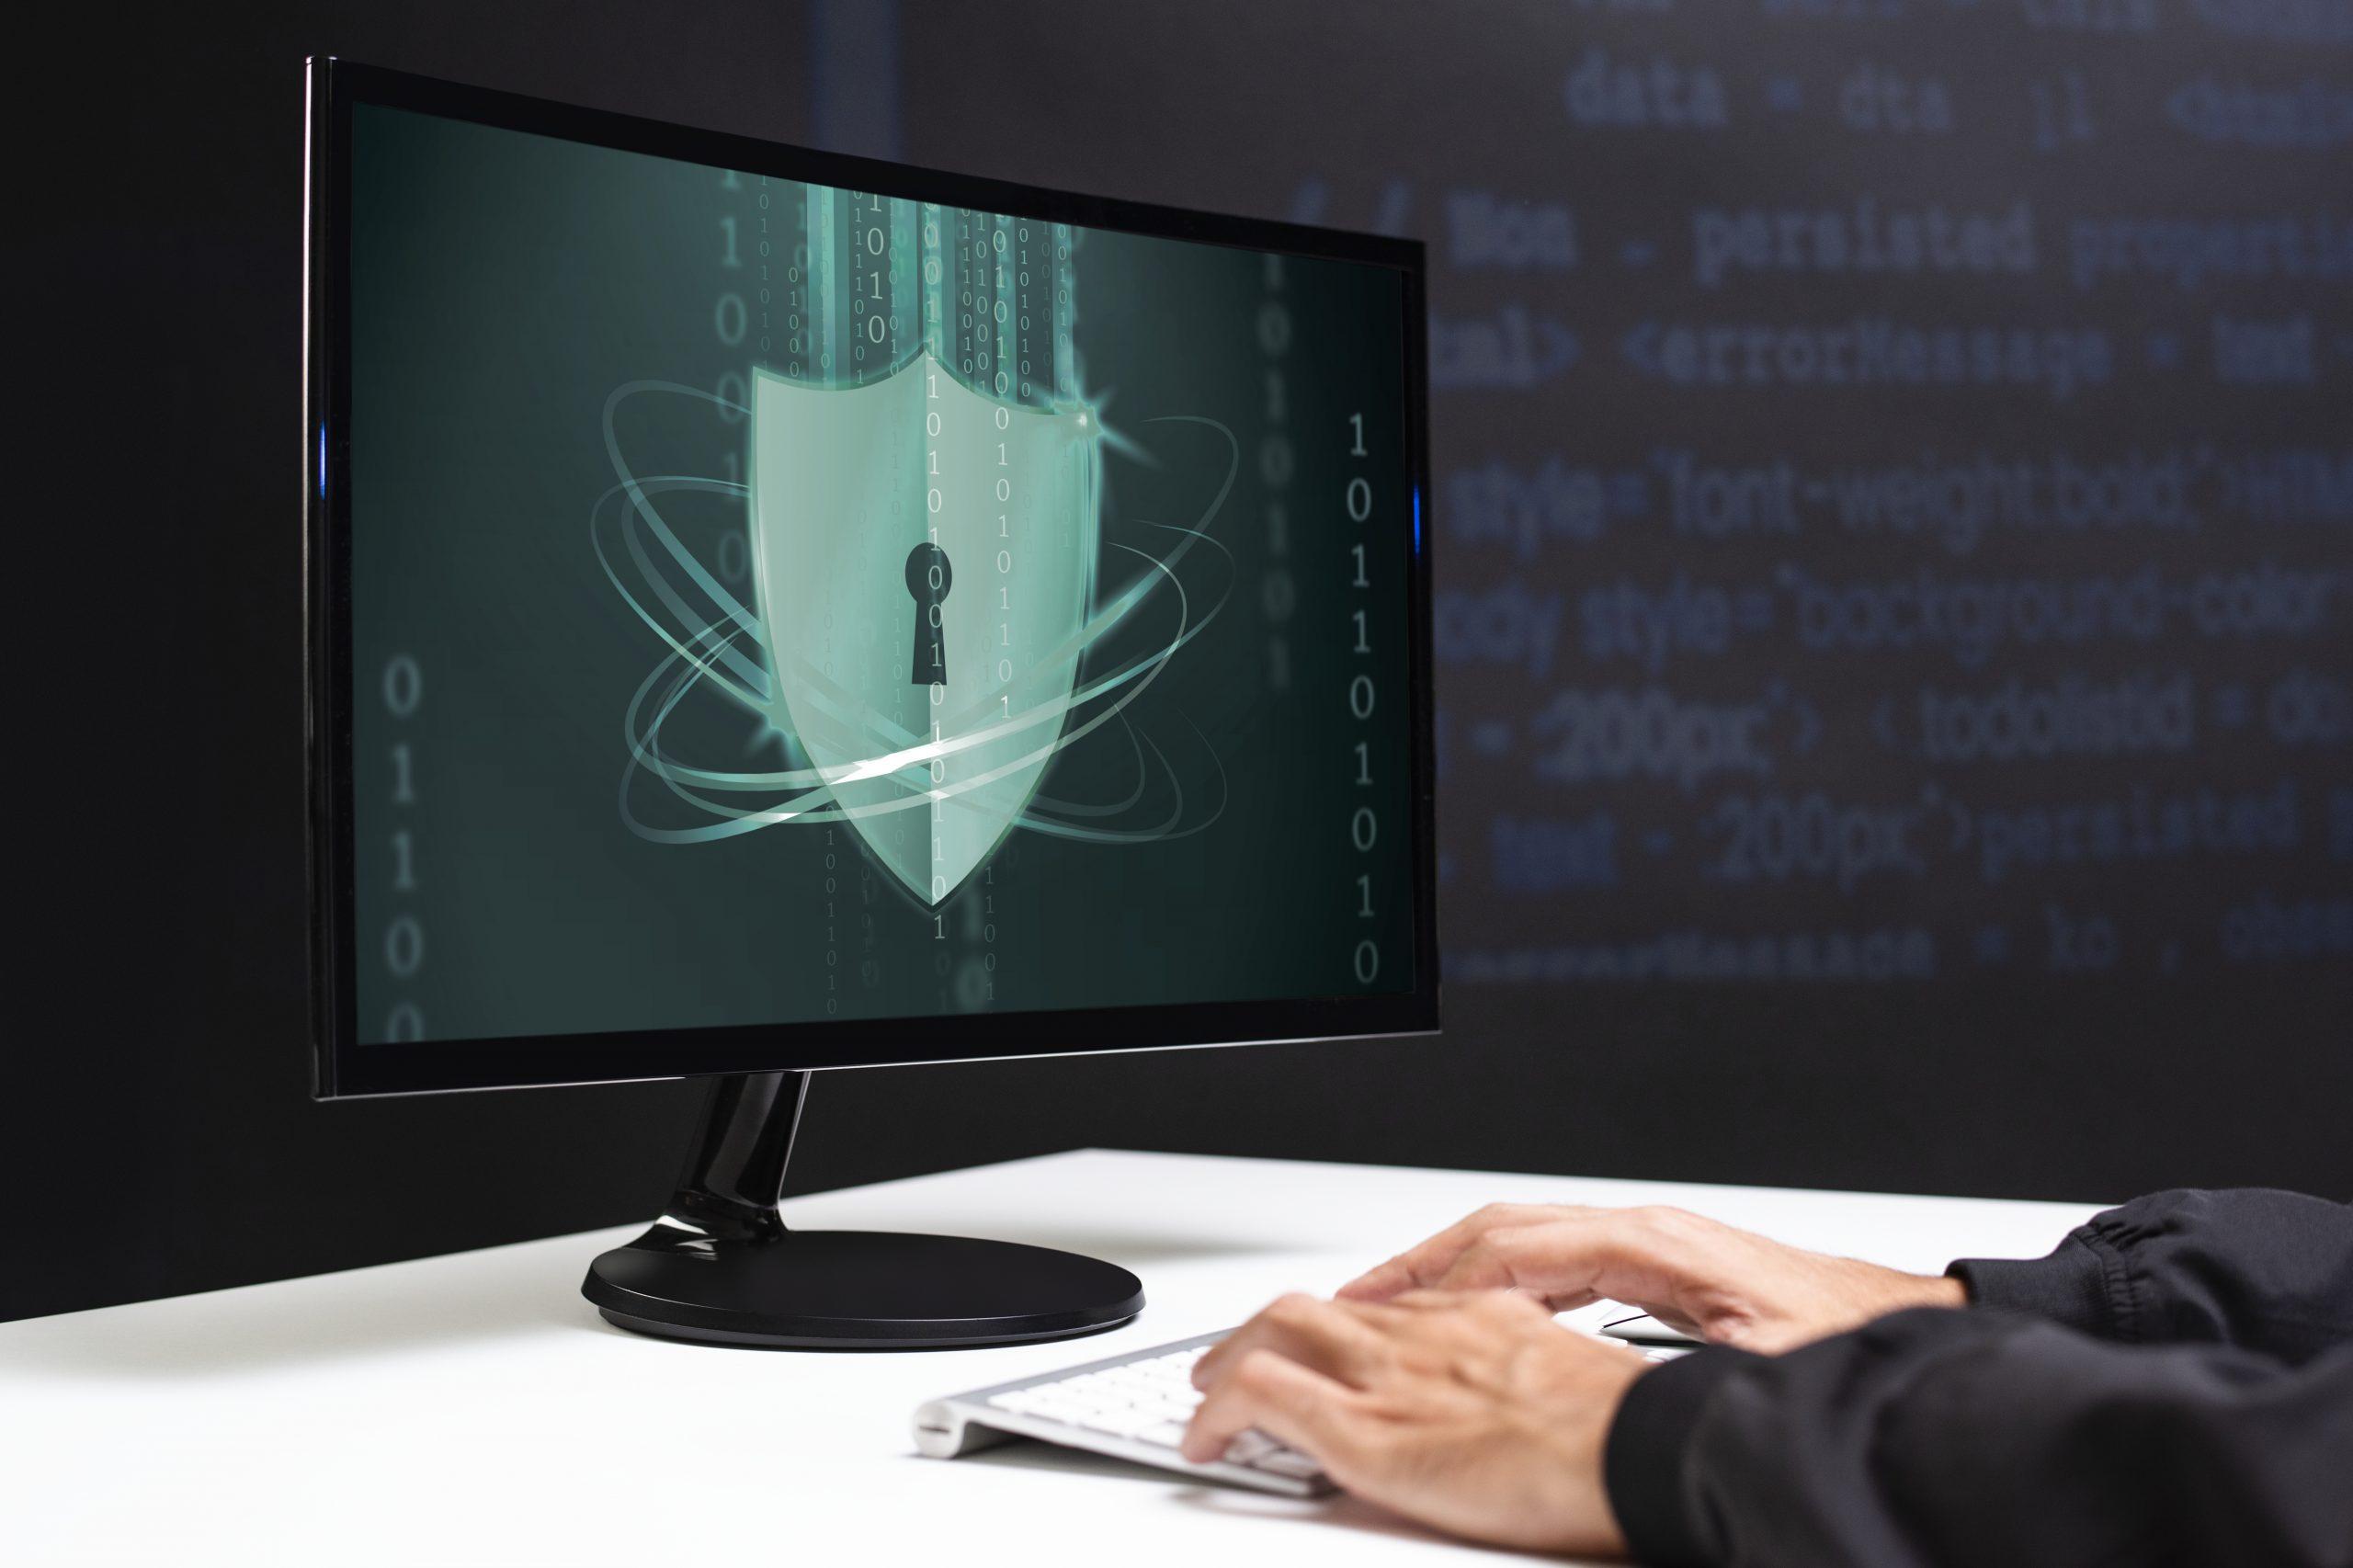 Transferencia de ficheros: Seguridad en los datos